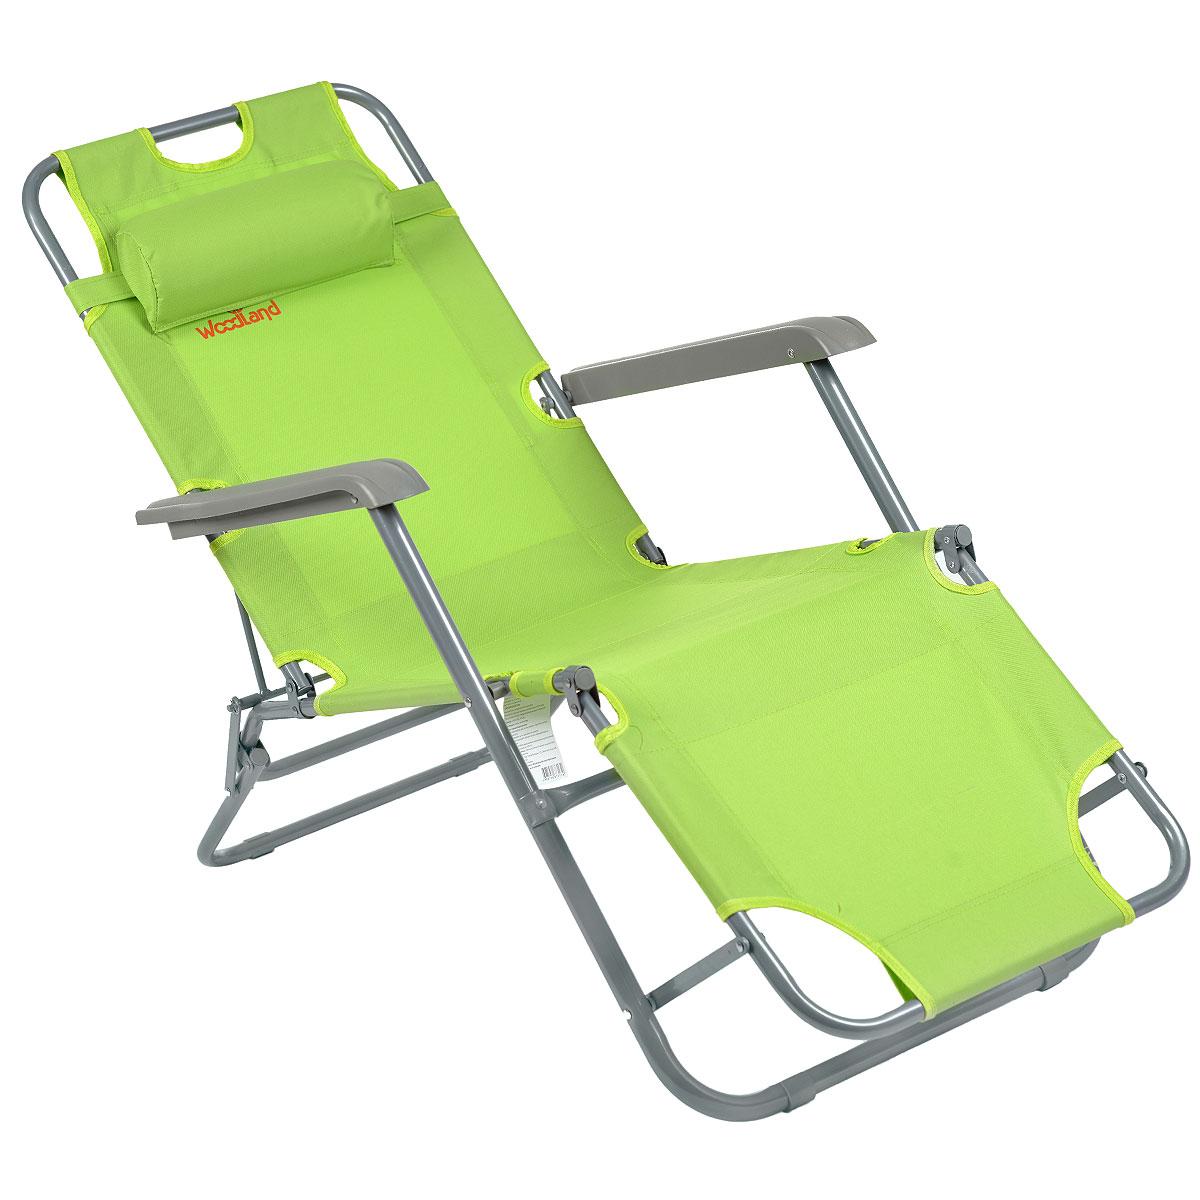 Кресло складное Woodland Lounger Oxford, цвет: зеленый, 153 см х 60 см х 79 см0049669Складное кресло Woodland Woodland Lounger Oxford предназначено для создания комфортных условий в туристических походах, охоте, рыбалке и кемпинге.Особенности: Компактная складная конструкция.Прочный стальной каркас с покрытием, диаметр 19 мм и 25 мм.Прочная ткань Oxford 600 обладает повышенной износостойкостью.